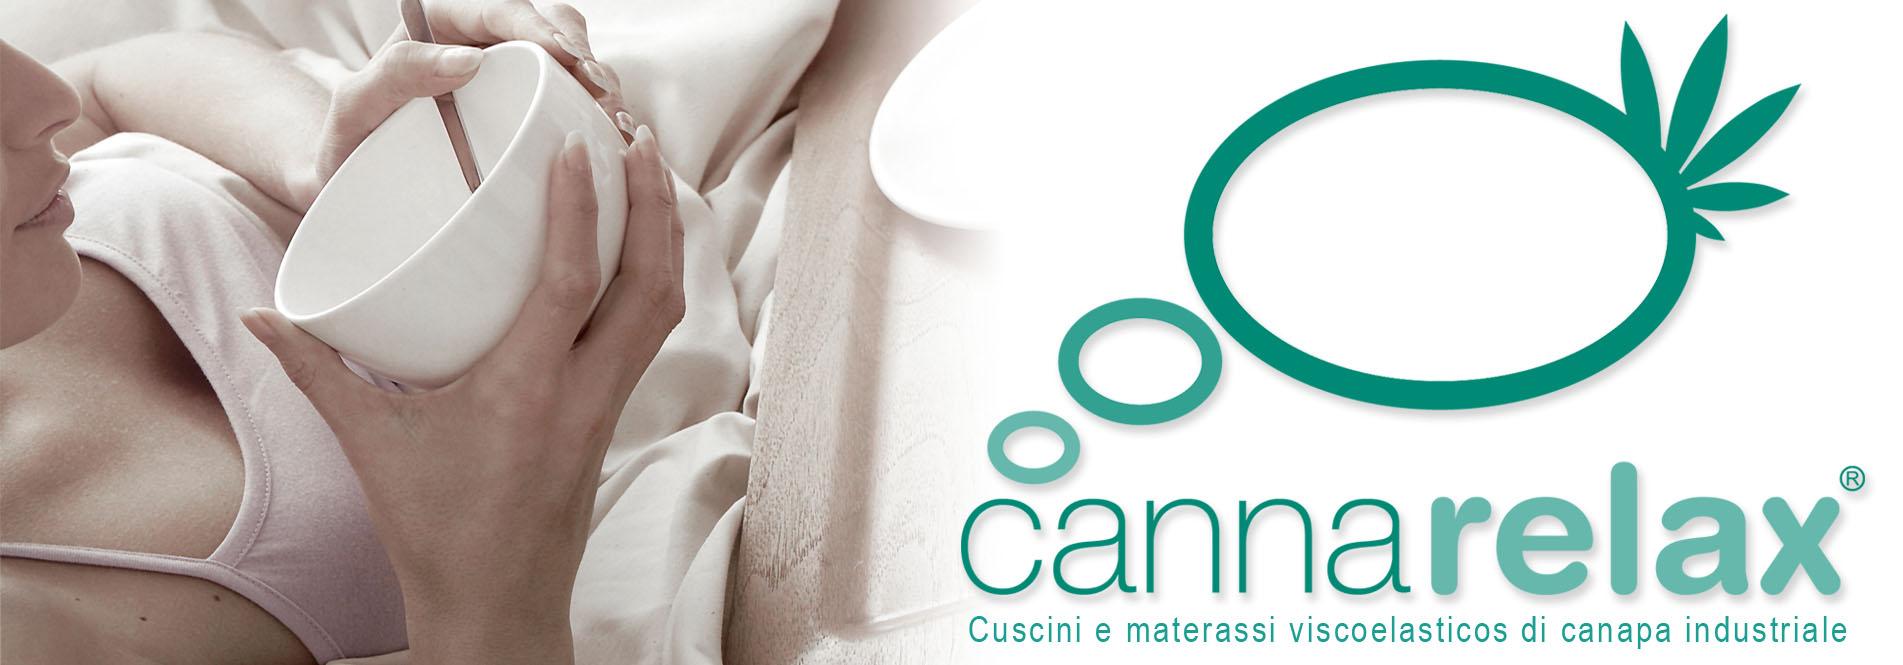 Cuscini e materassi viscoelasticos di canapa industriale